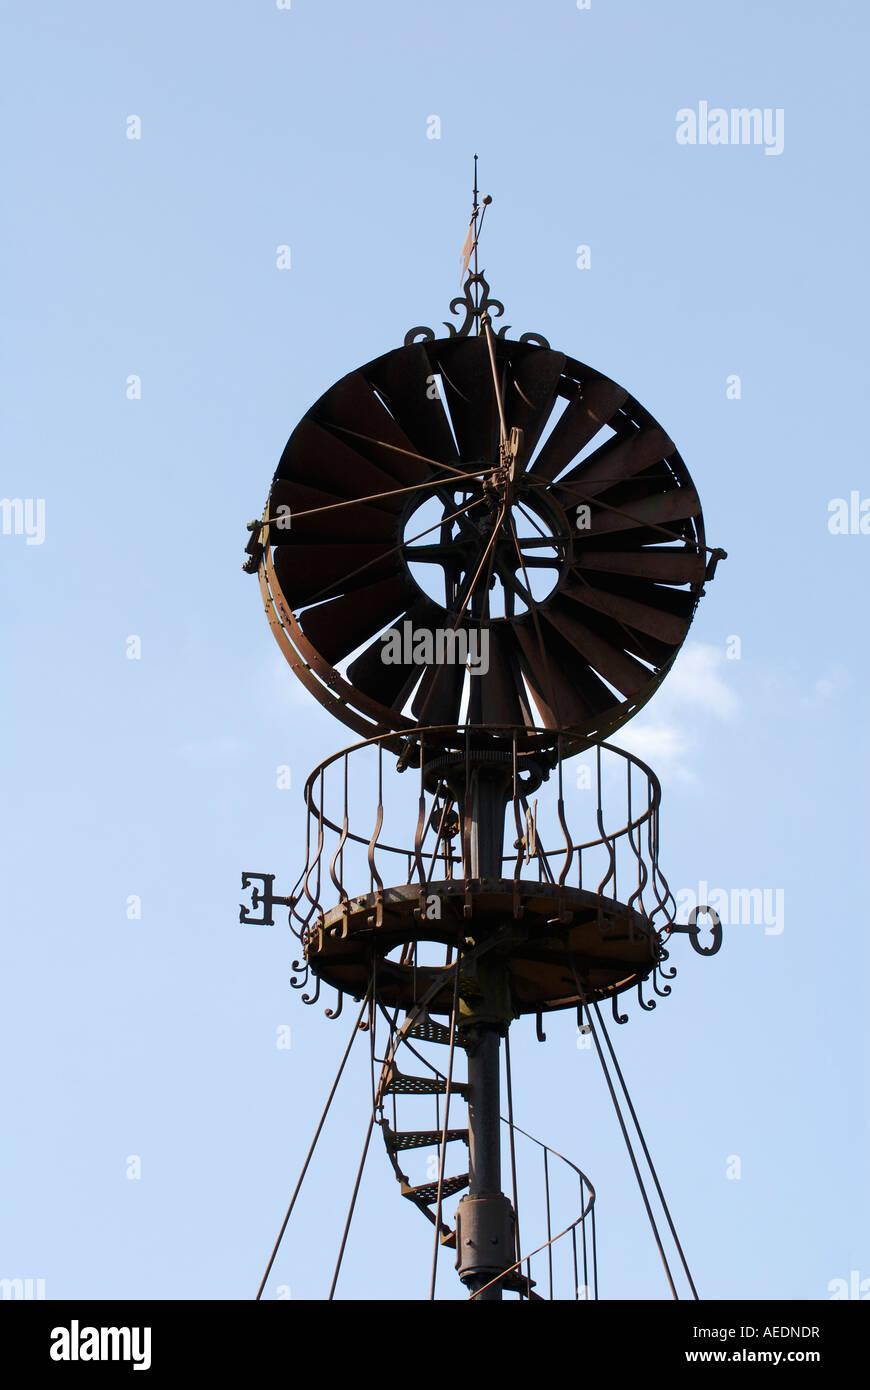 Alten Eolienne Bollée Wind angetriebene Wasserpumpe, Yzeures-Sur-Creuse, Sud Touraine, Frankreich. Stockbild